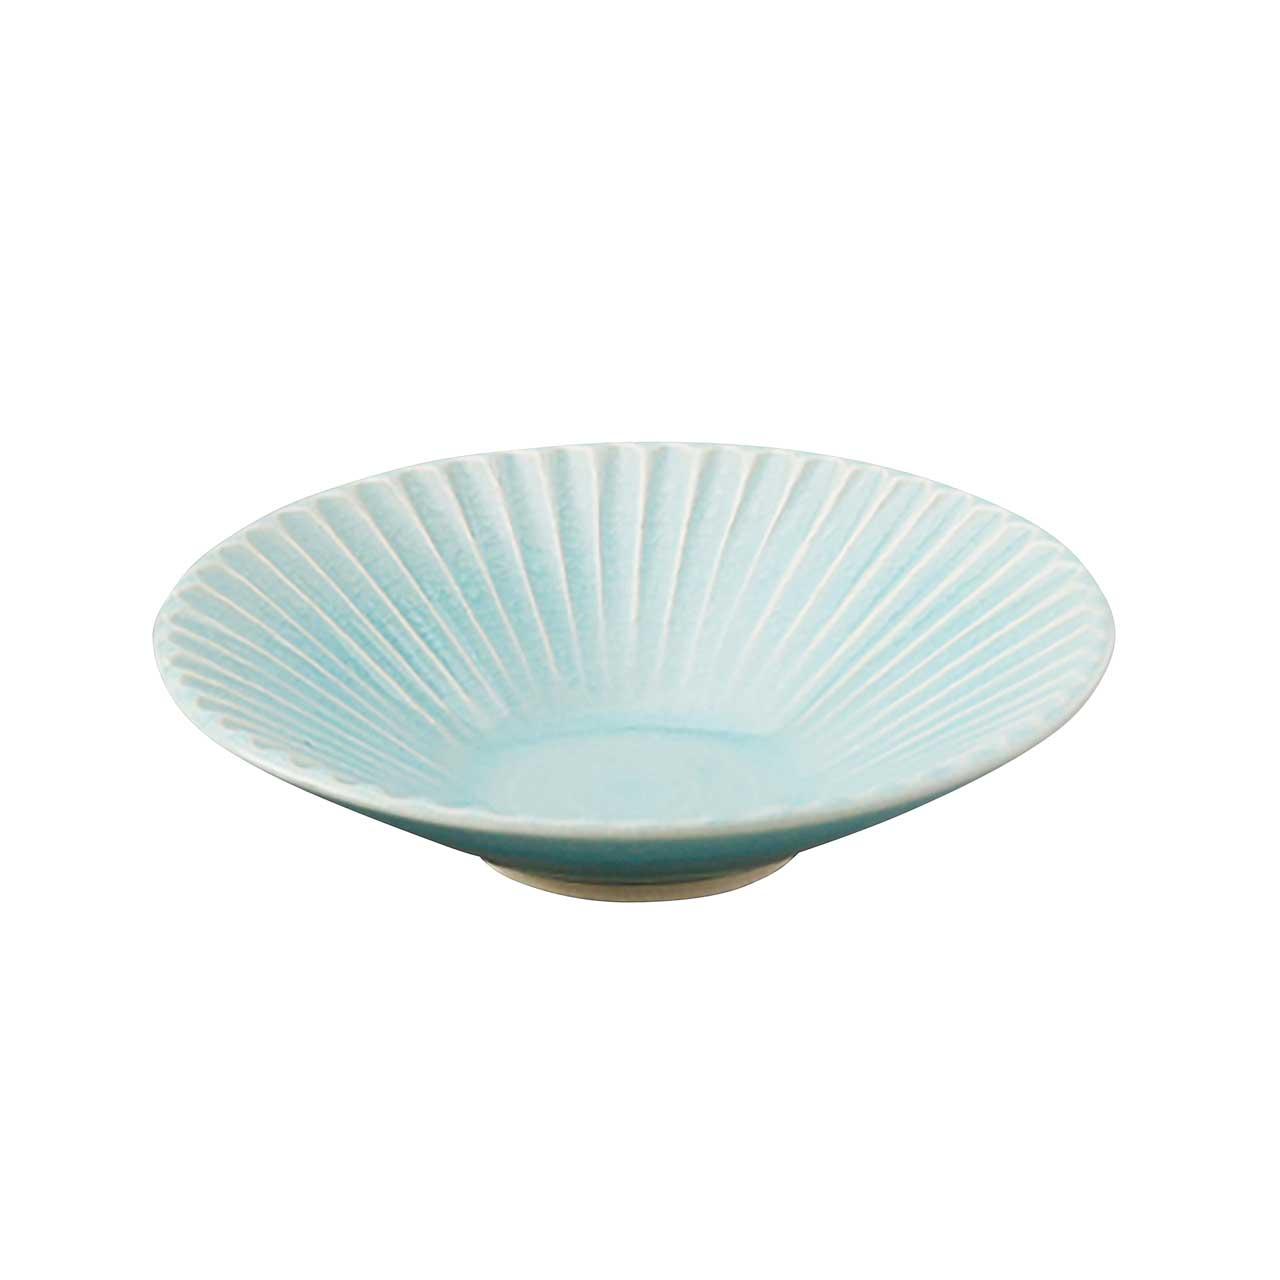 瀬戸焼 伍春窯 そぎ SOGI 反鉢 皿 5寸 約16cm スカイ ブルー 127-0402